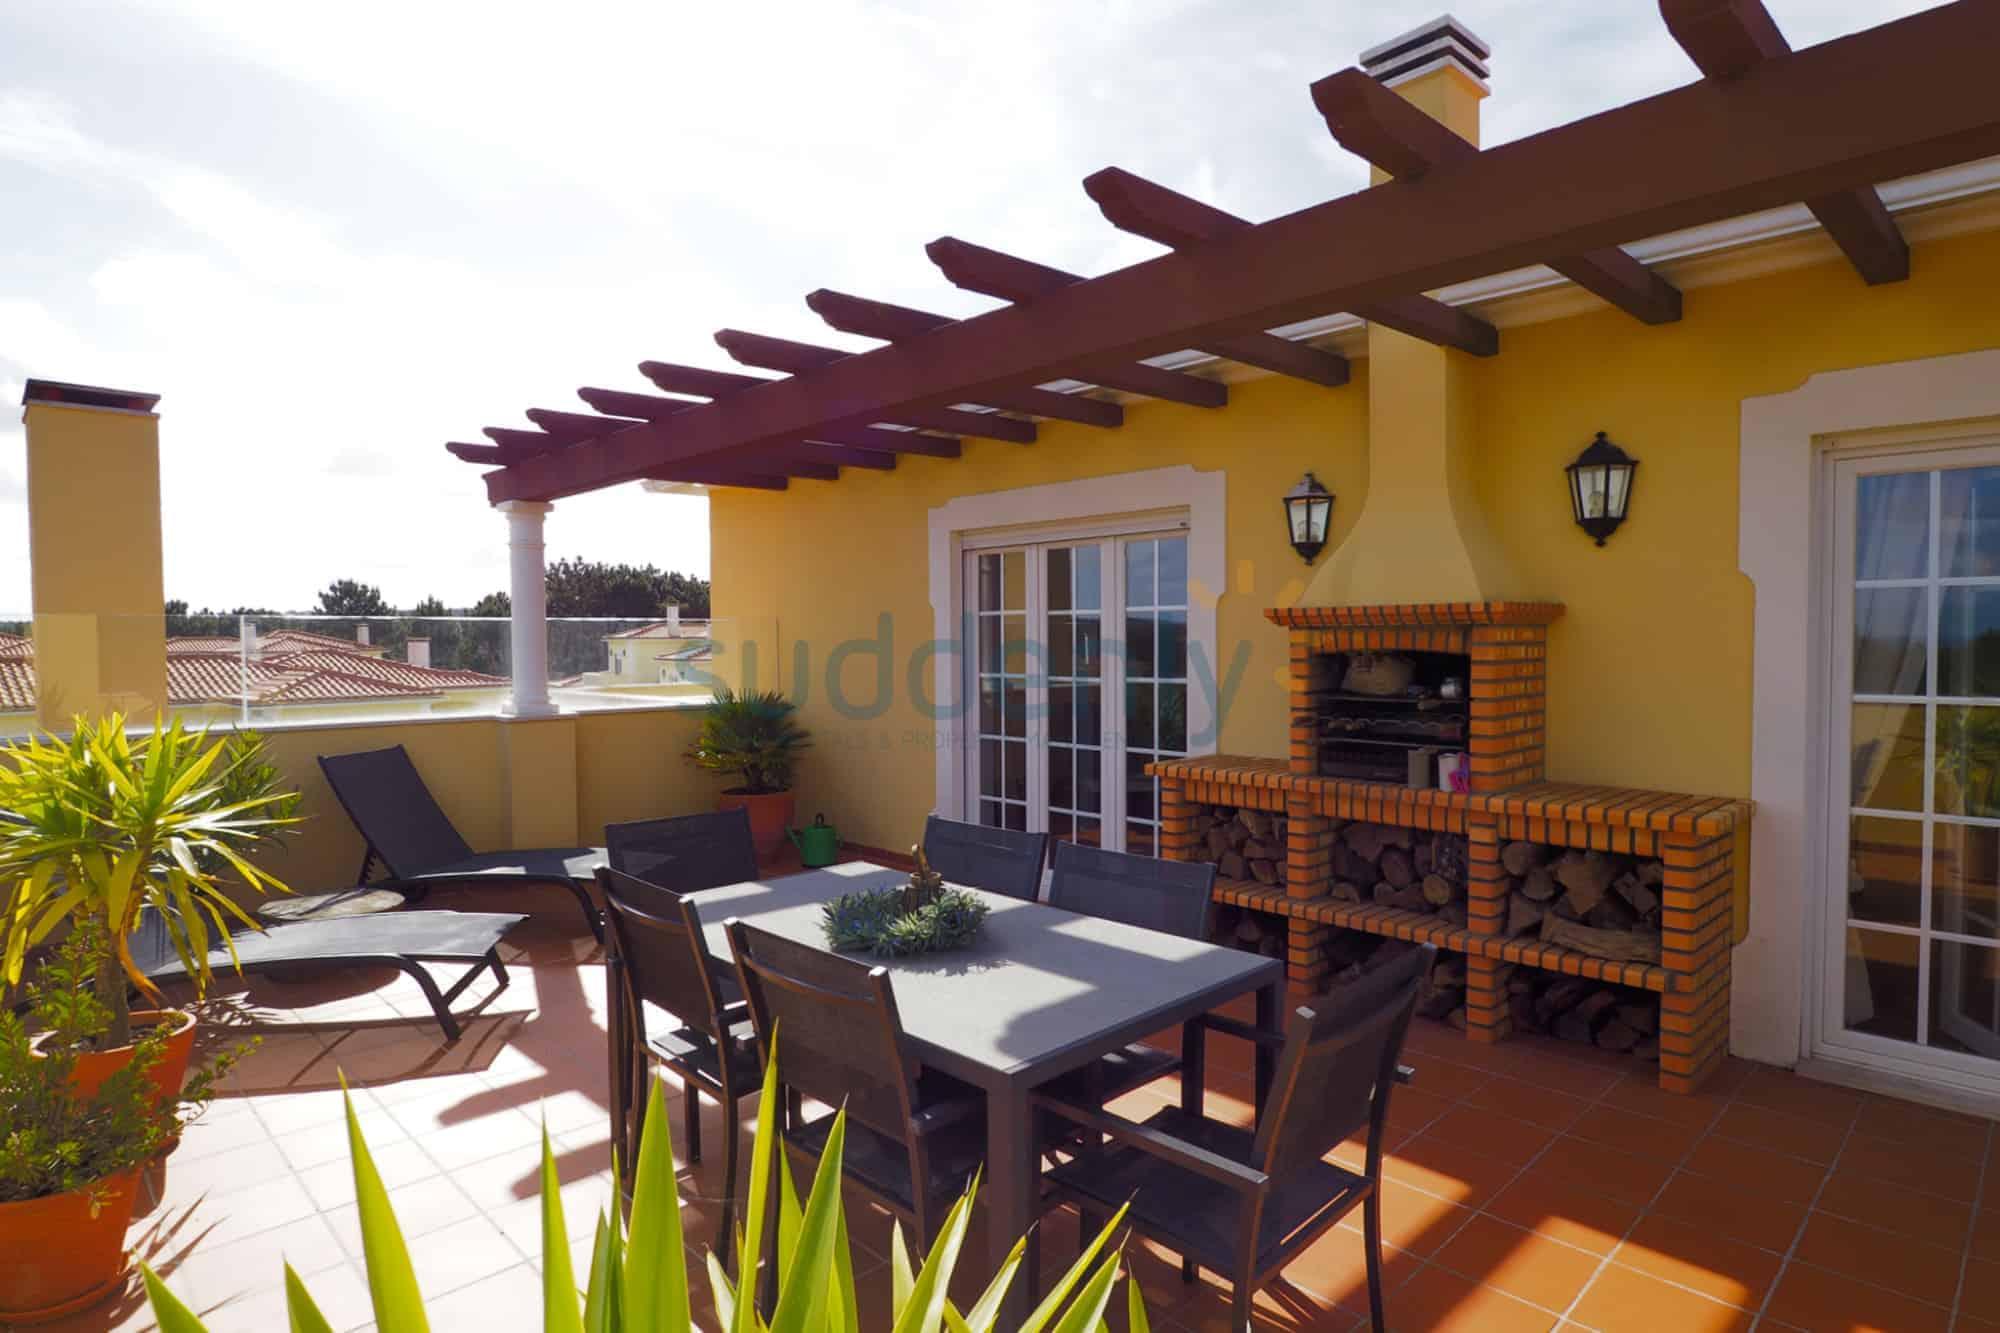 Holiday Rentals in Praia D'El Rey 93